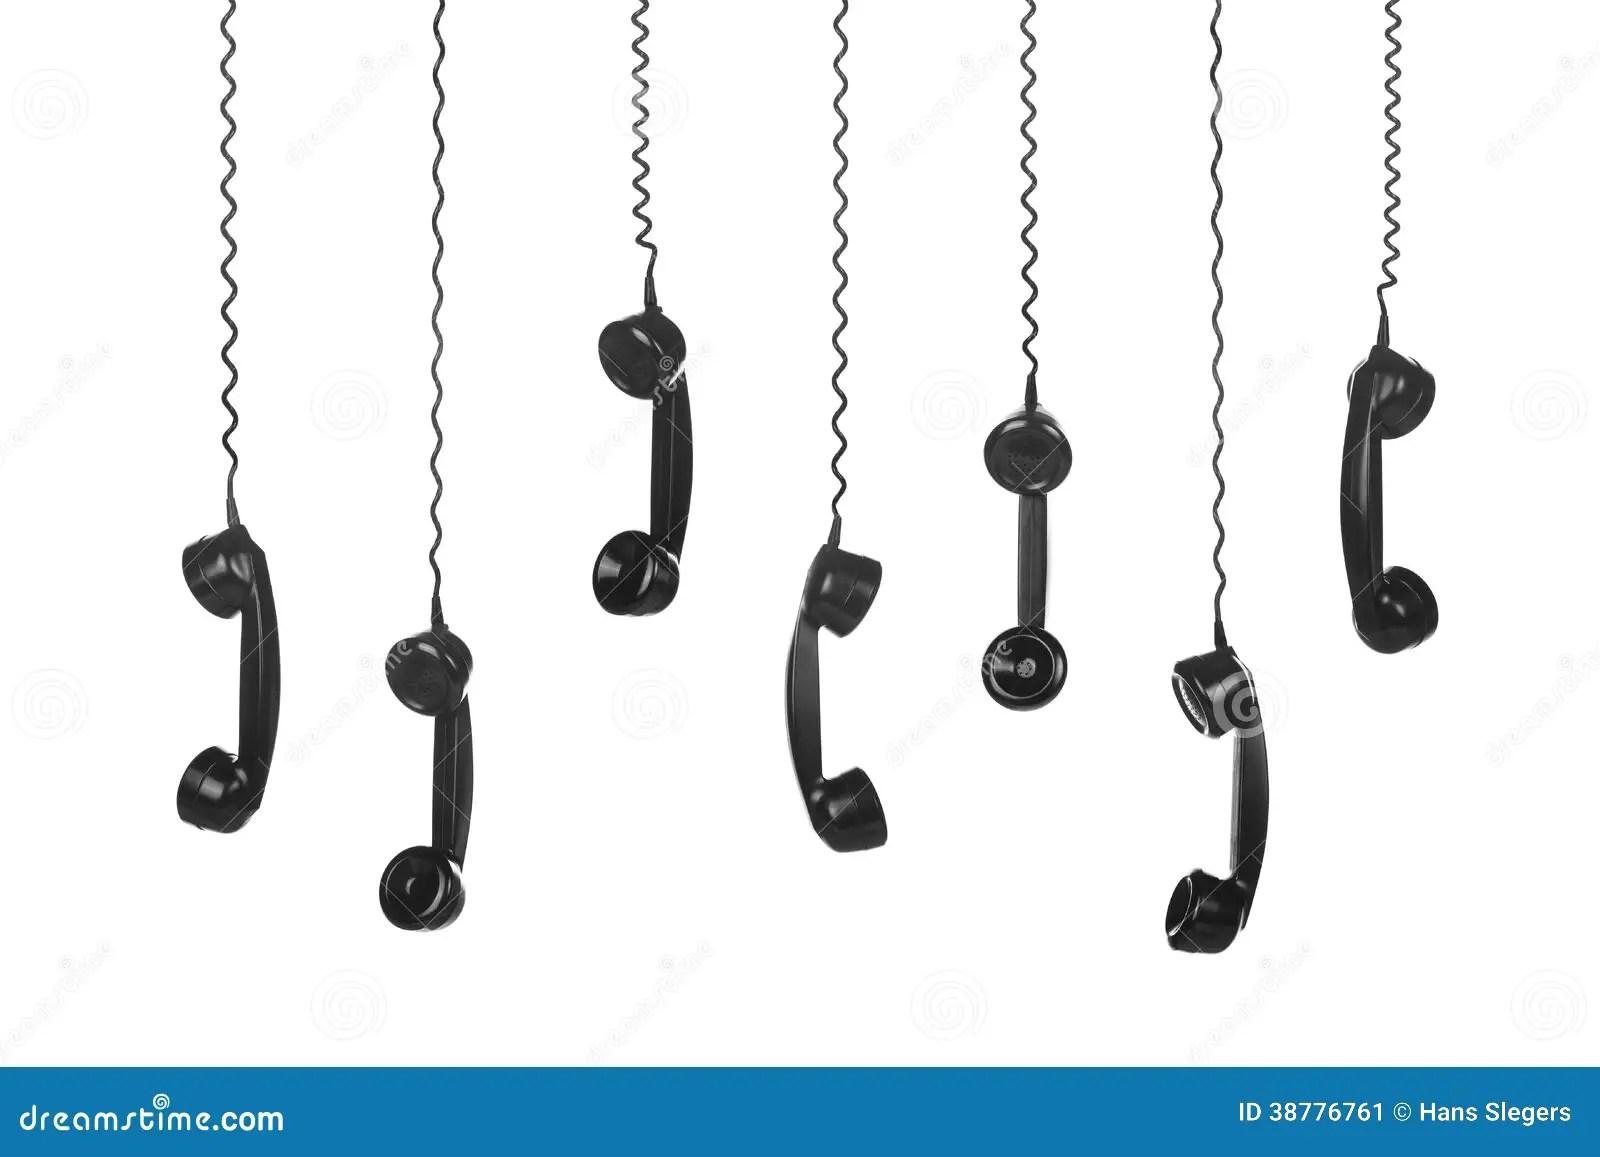 Old Vintage Black Telephone Handsets Stock Image